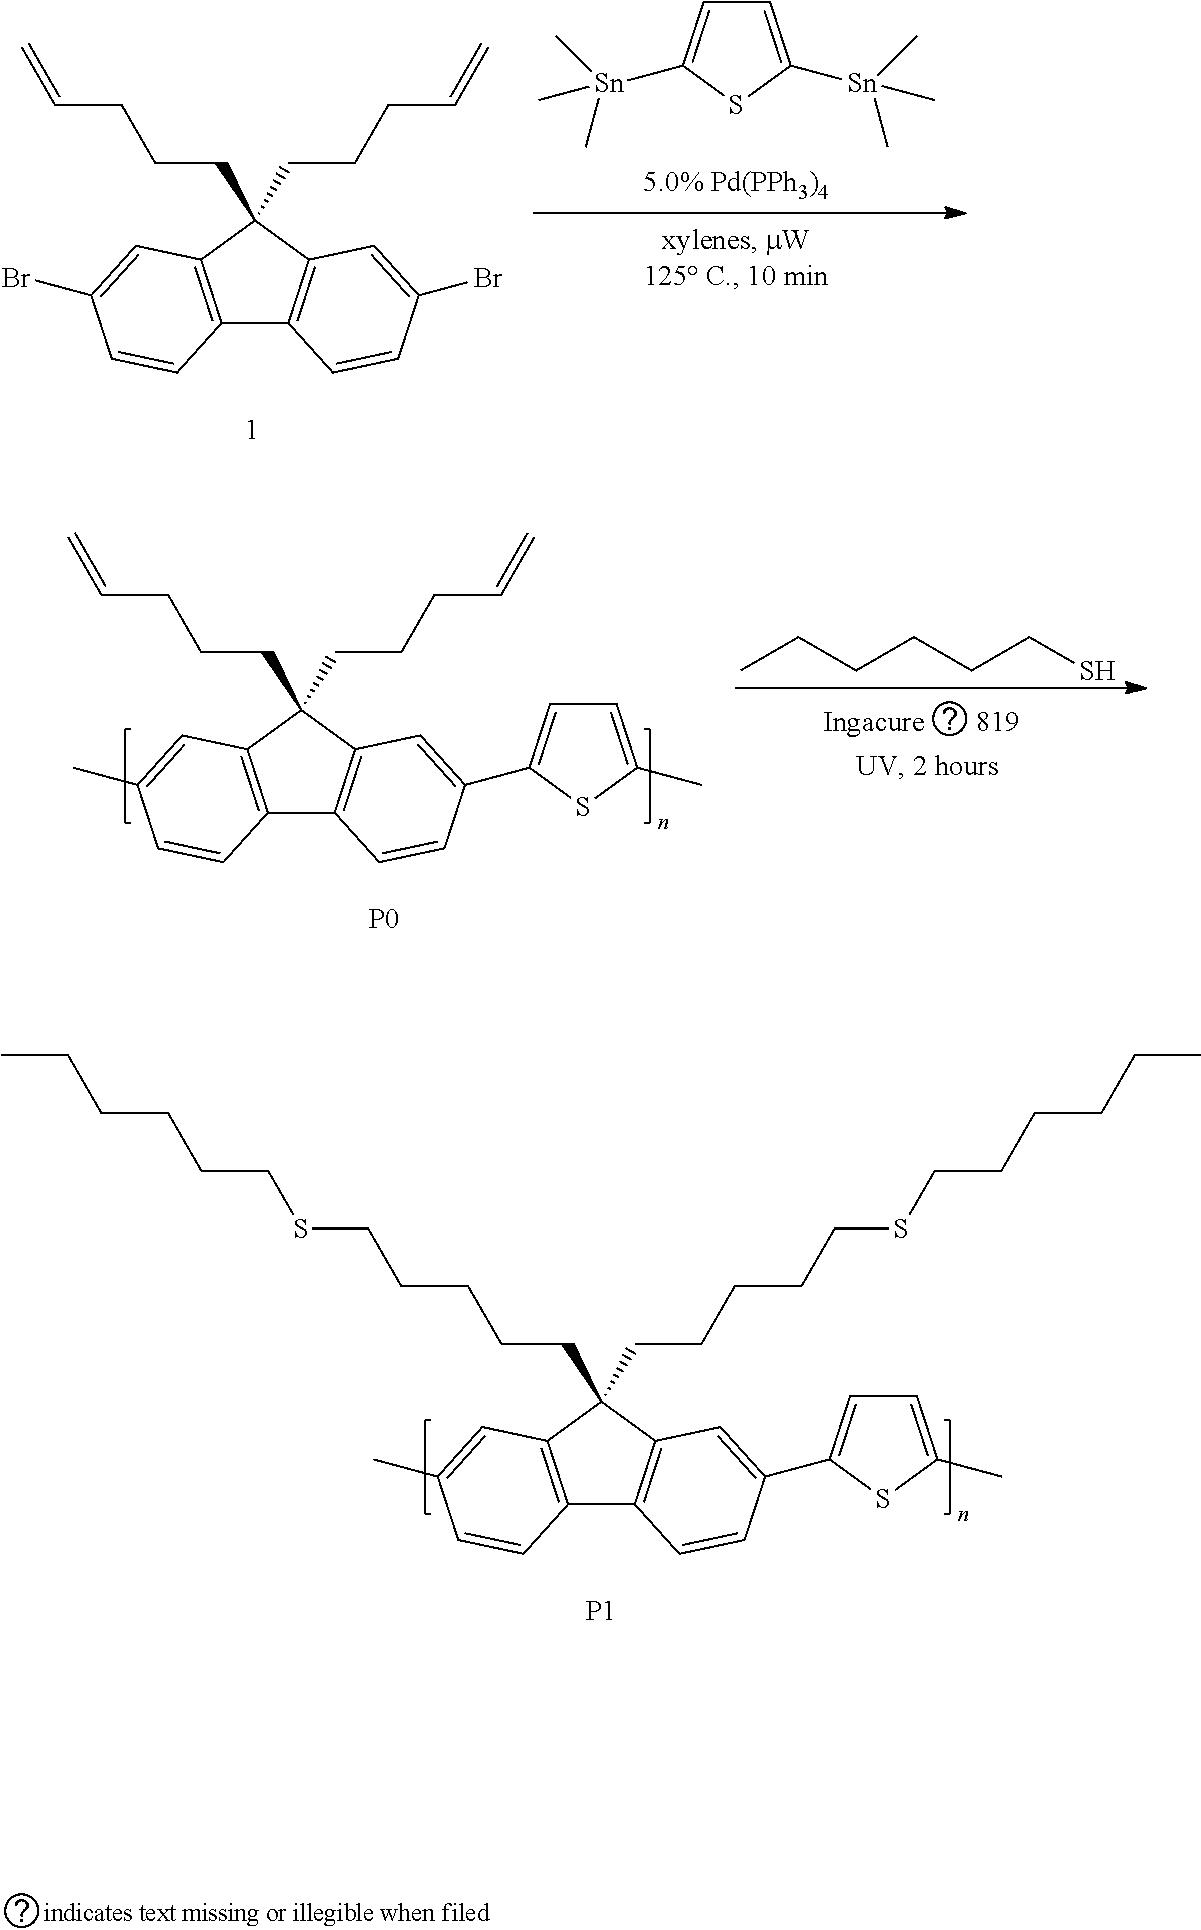 Figure US20200095371A1-20200326-C00004